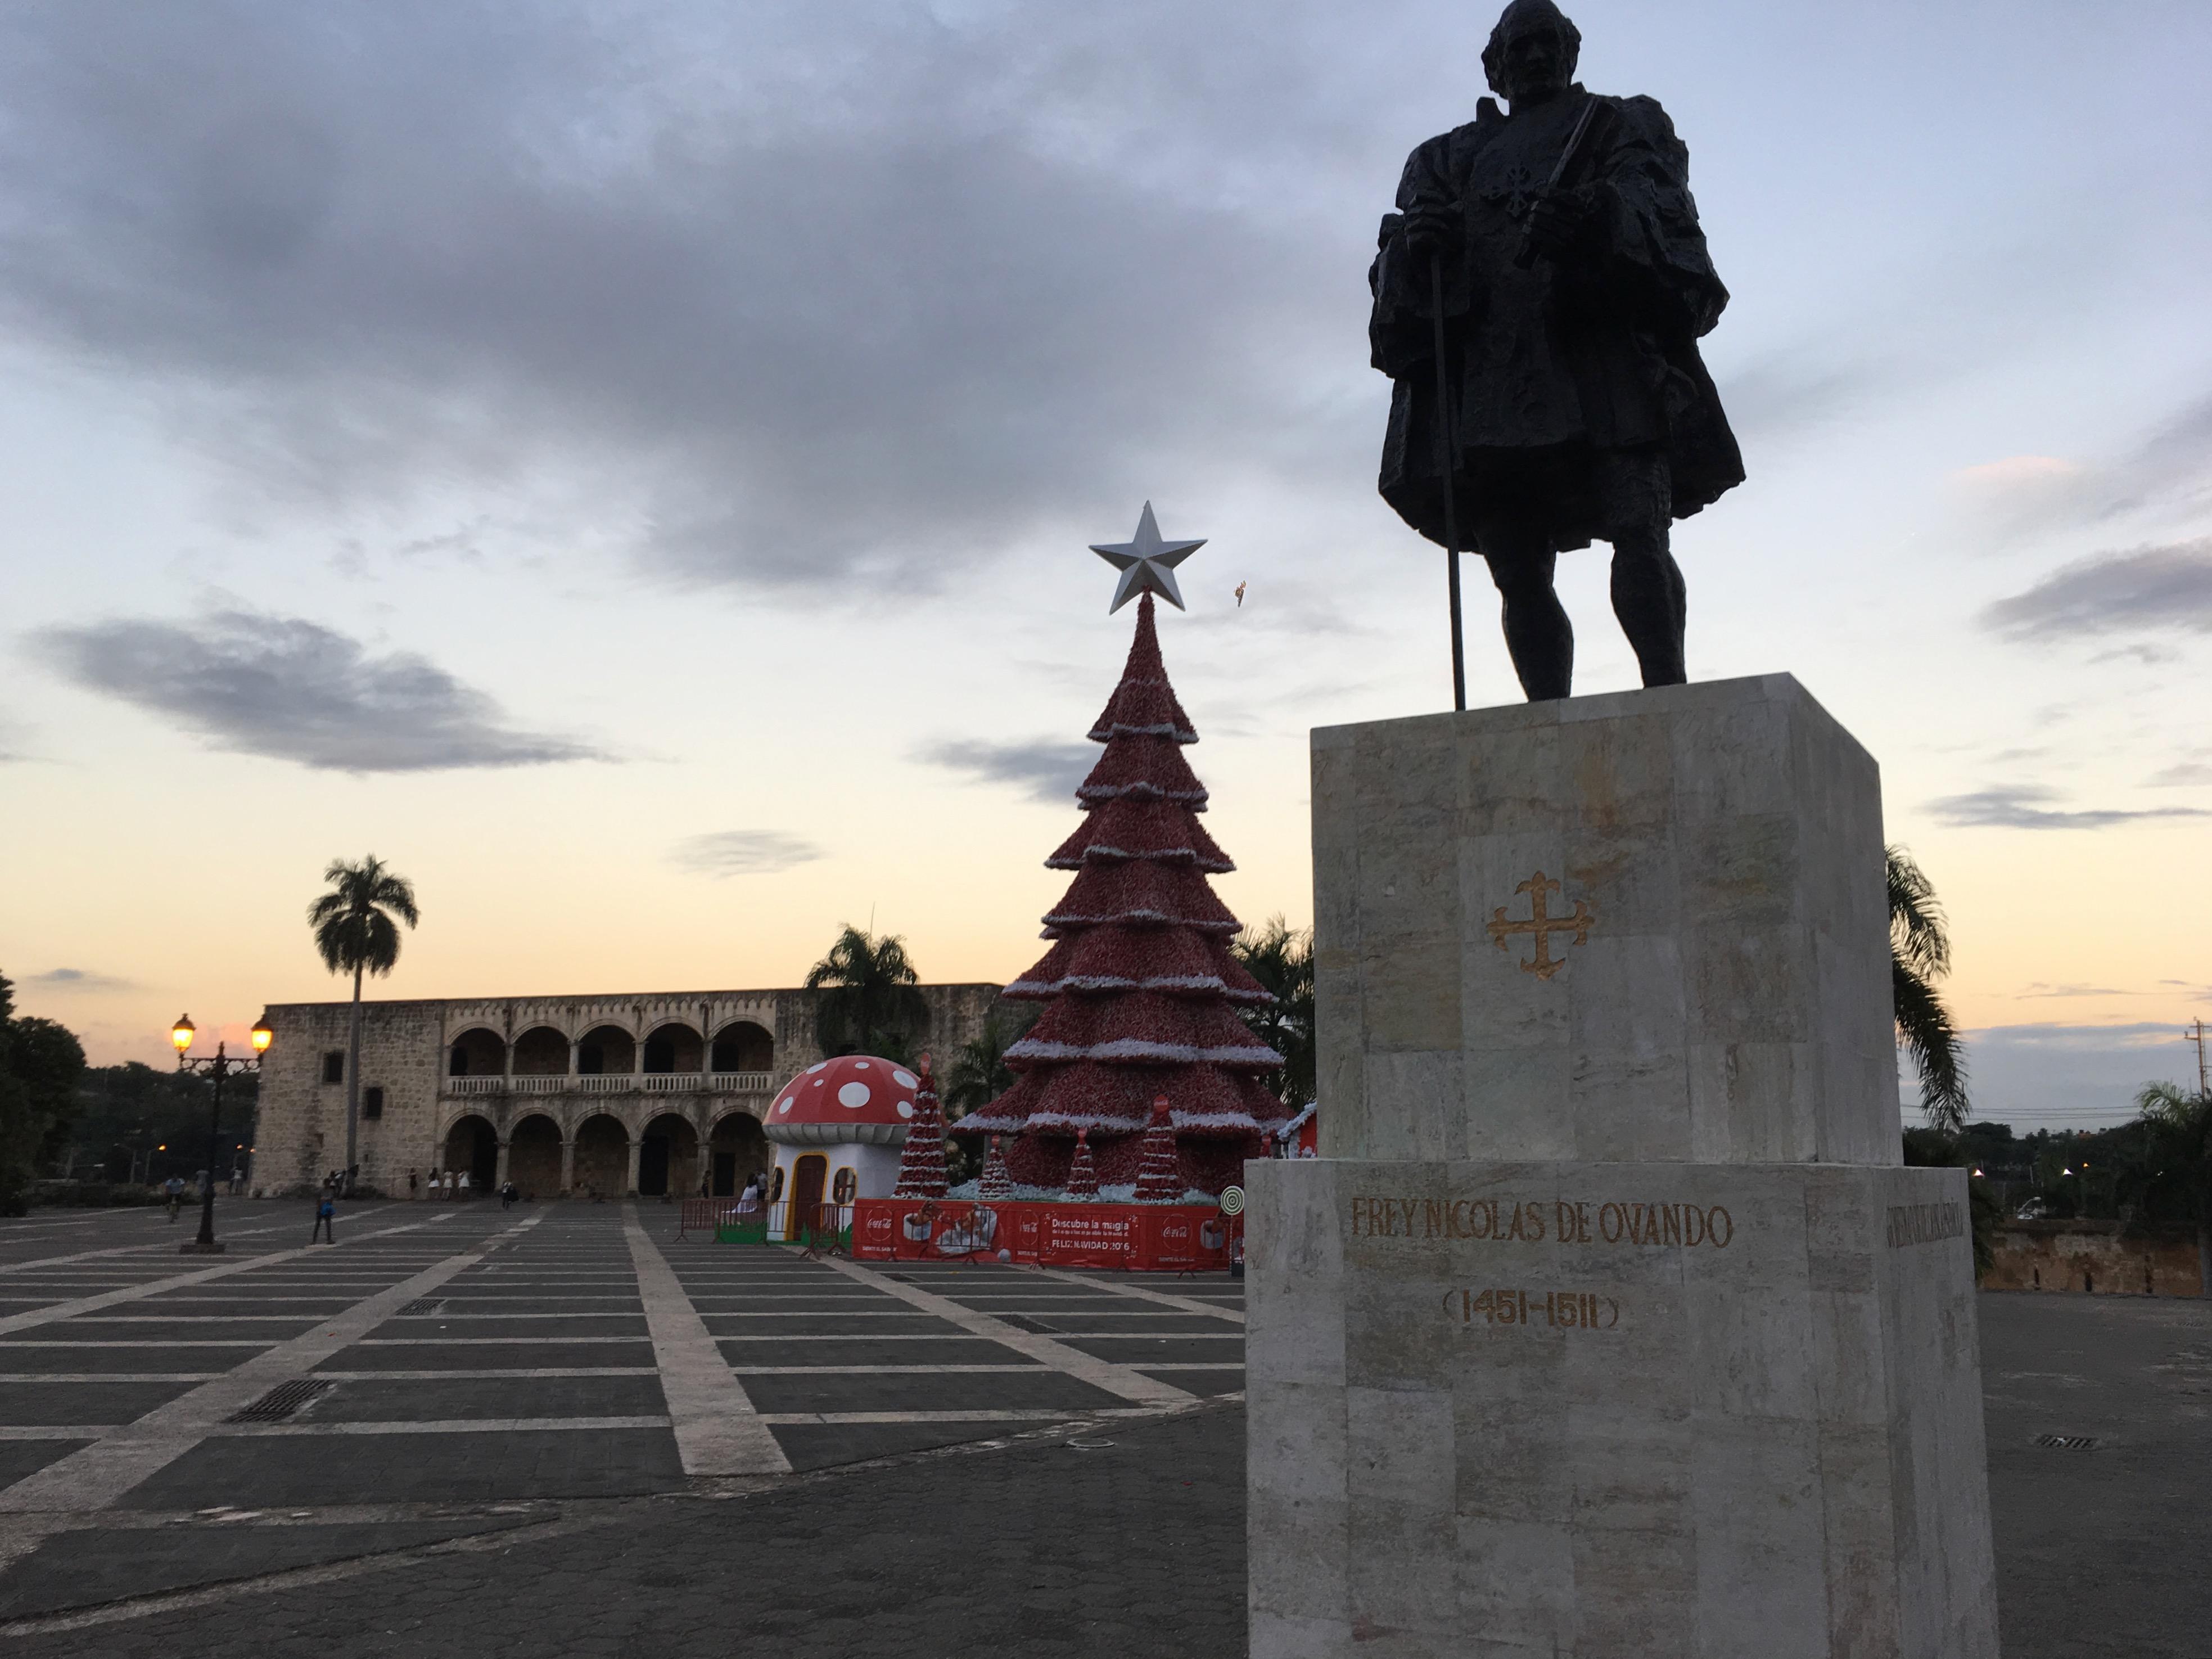 ドミニカ共和国訪問 (Visita a la República Dominicana)